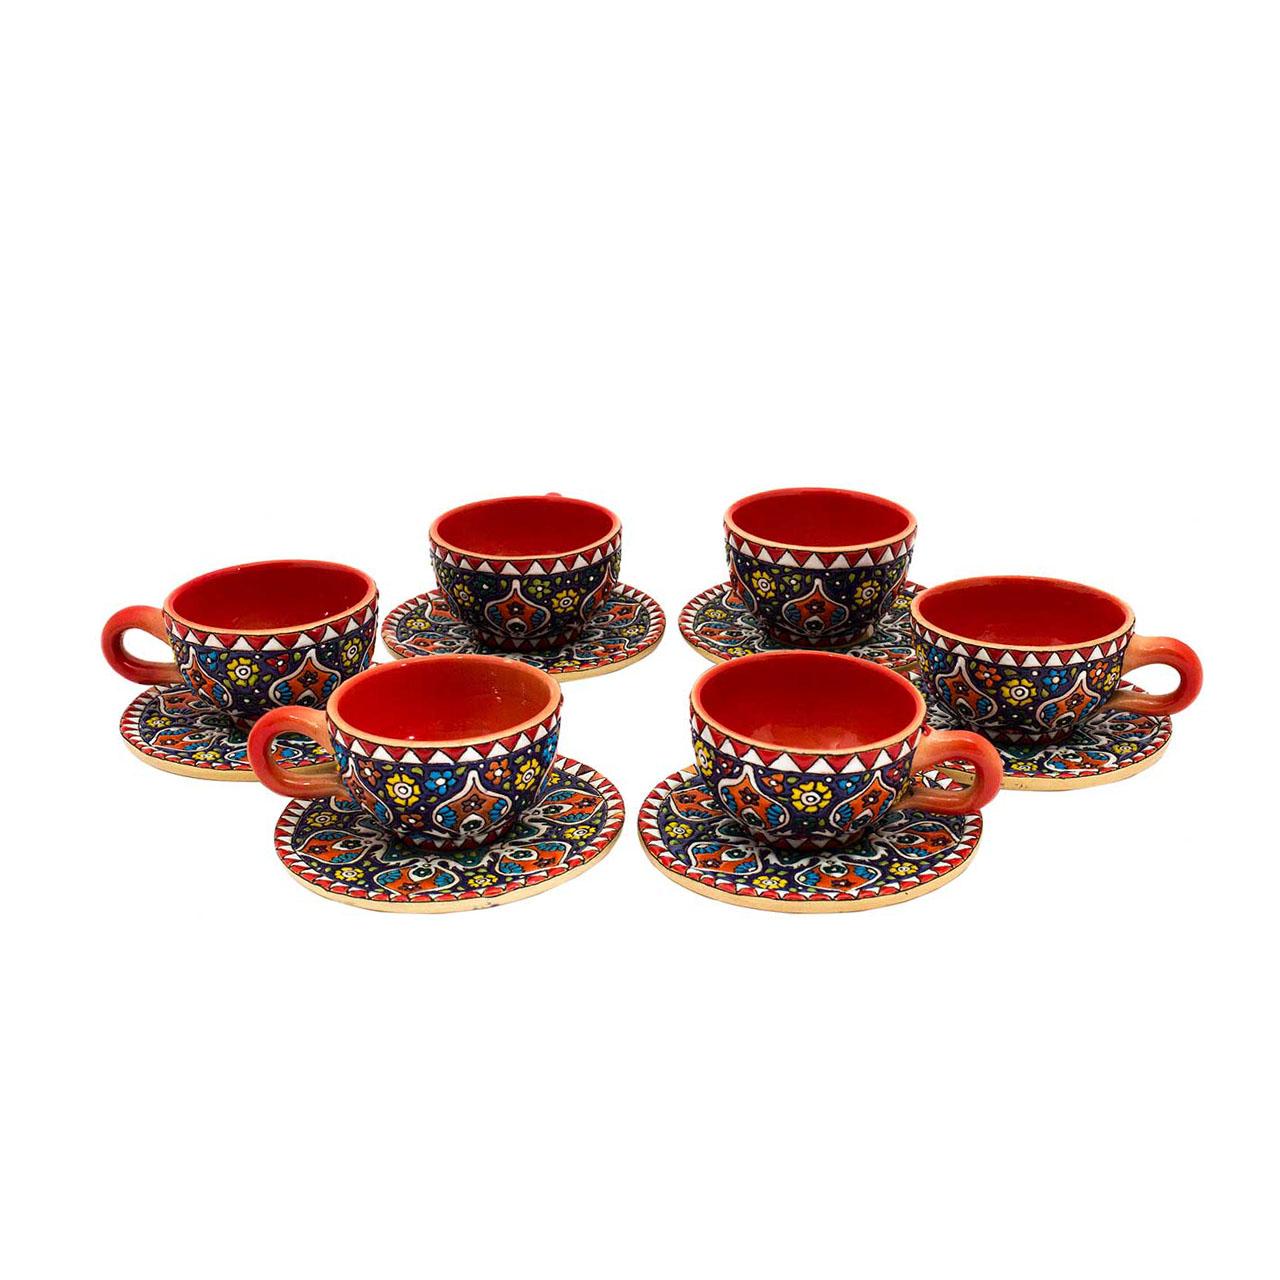 سرویس چای خوری میناکاری 12 پارچه کد 15-15-119